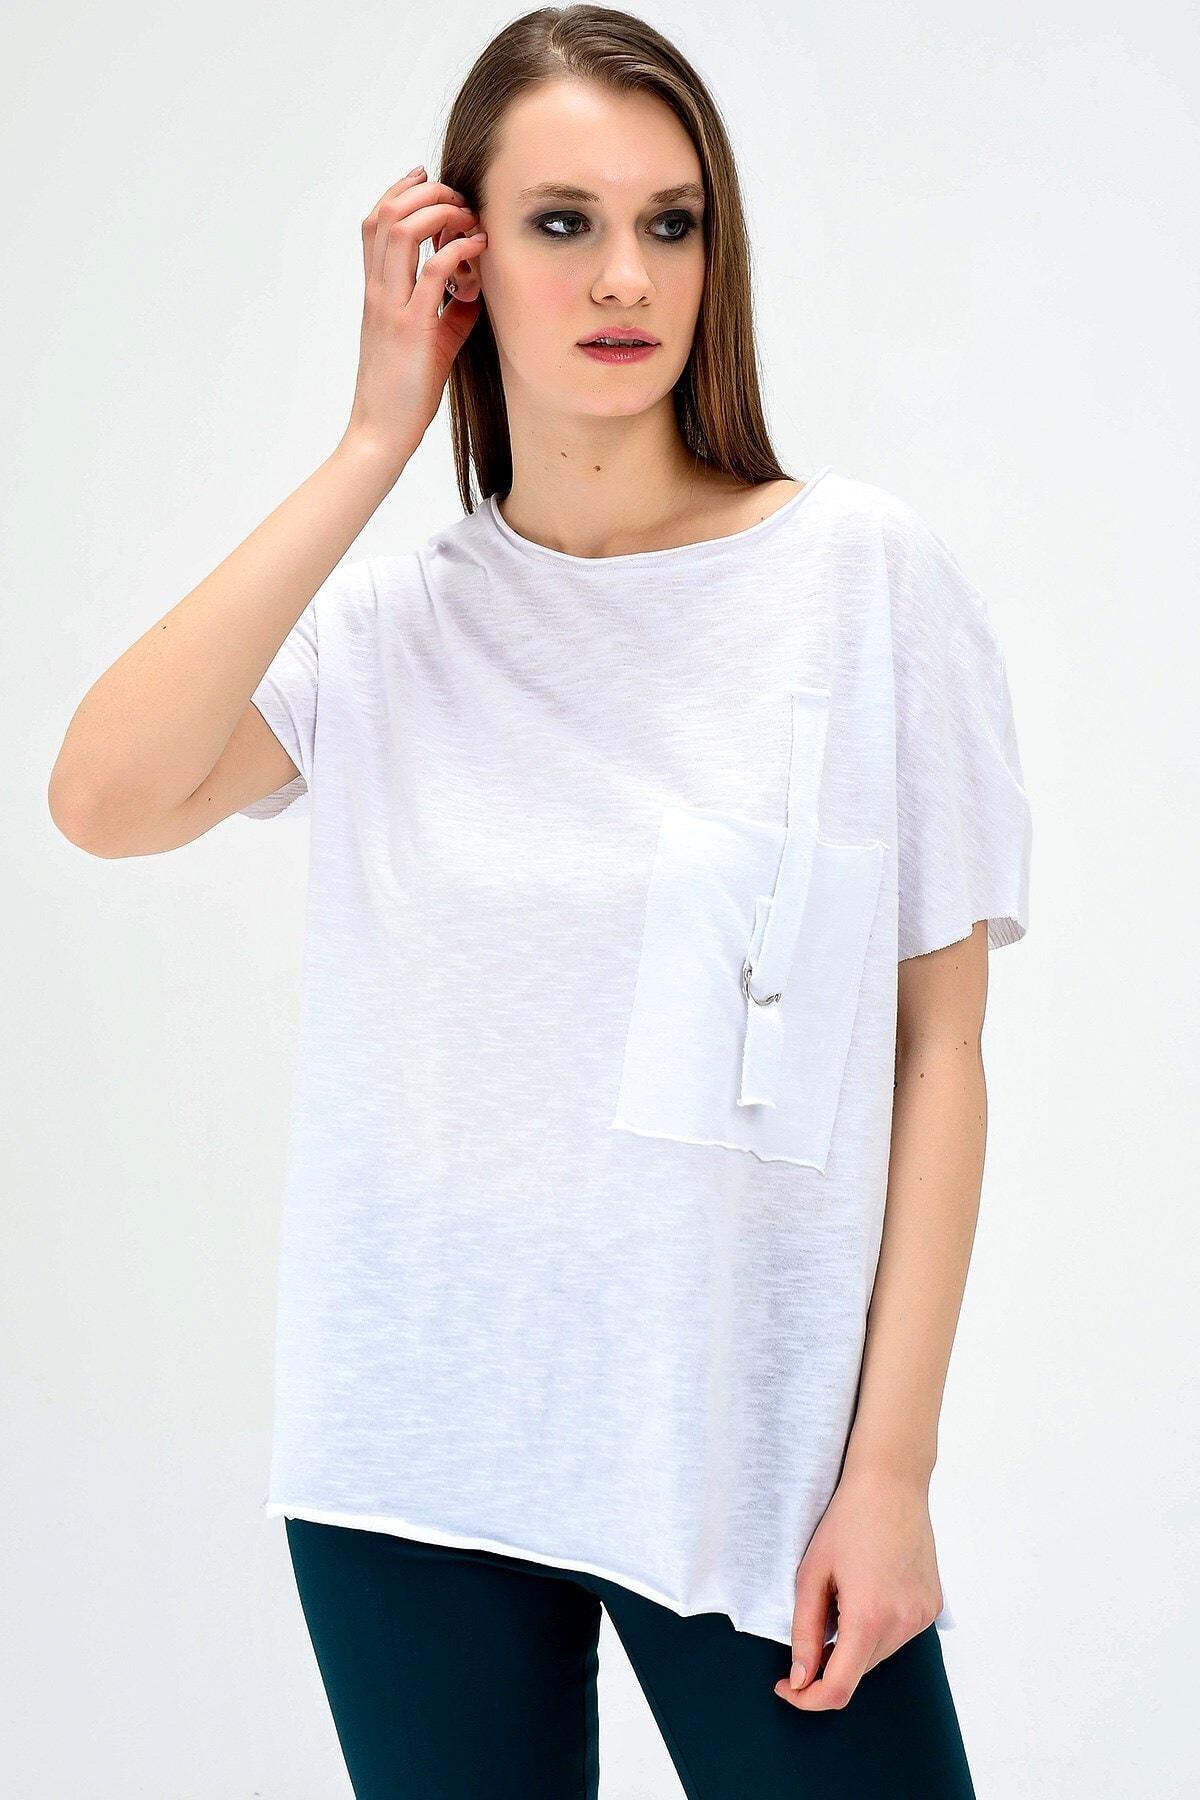 Jument Lycrasız Geniş Sıfır Yaka Düşük Omuzlu Cepli Bluz 1